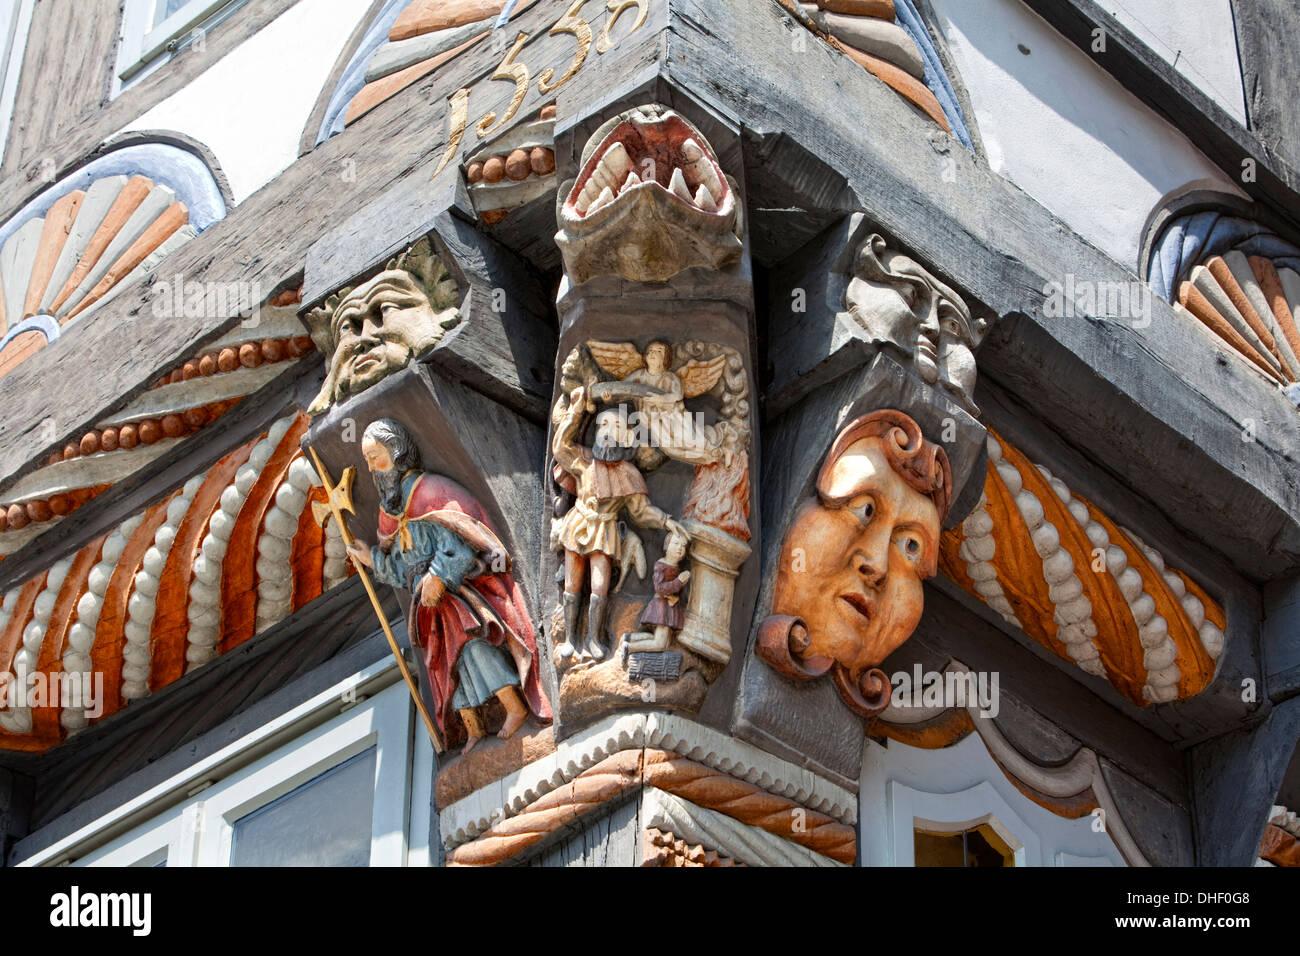 Binden von Isaac, kunstvoll geschnitzten Architekturdetail Stiftsherrenhaus, 1558, Osterstraße, Hameln, Niedersachsen, Deutschland Stockbild